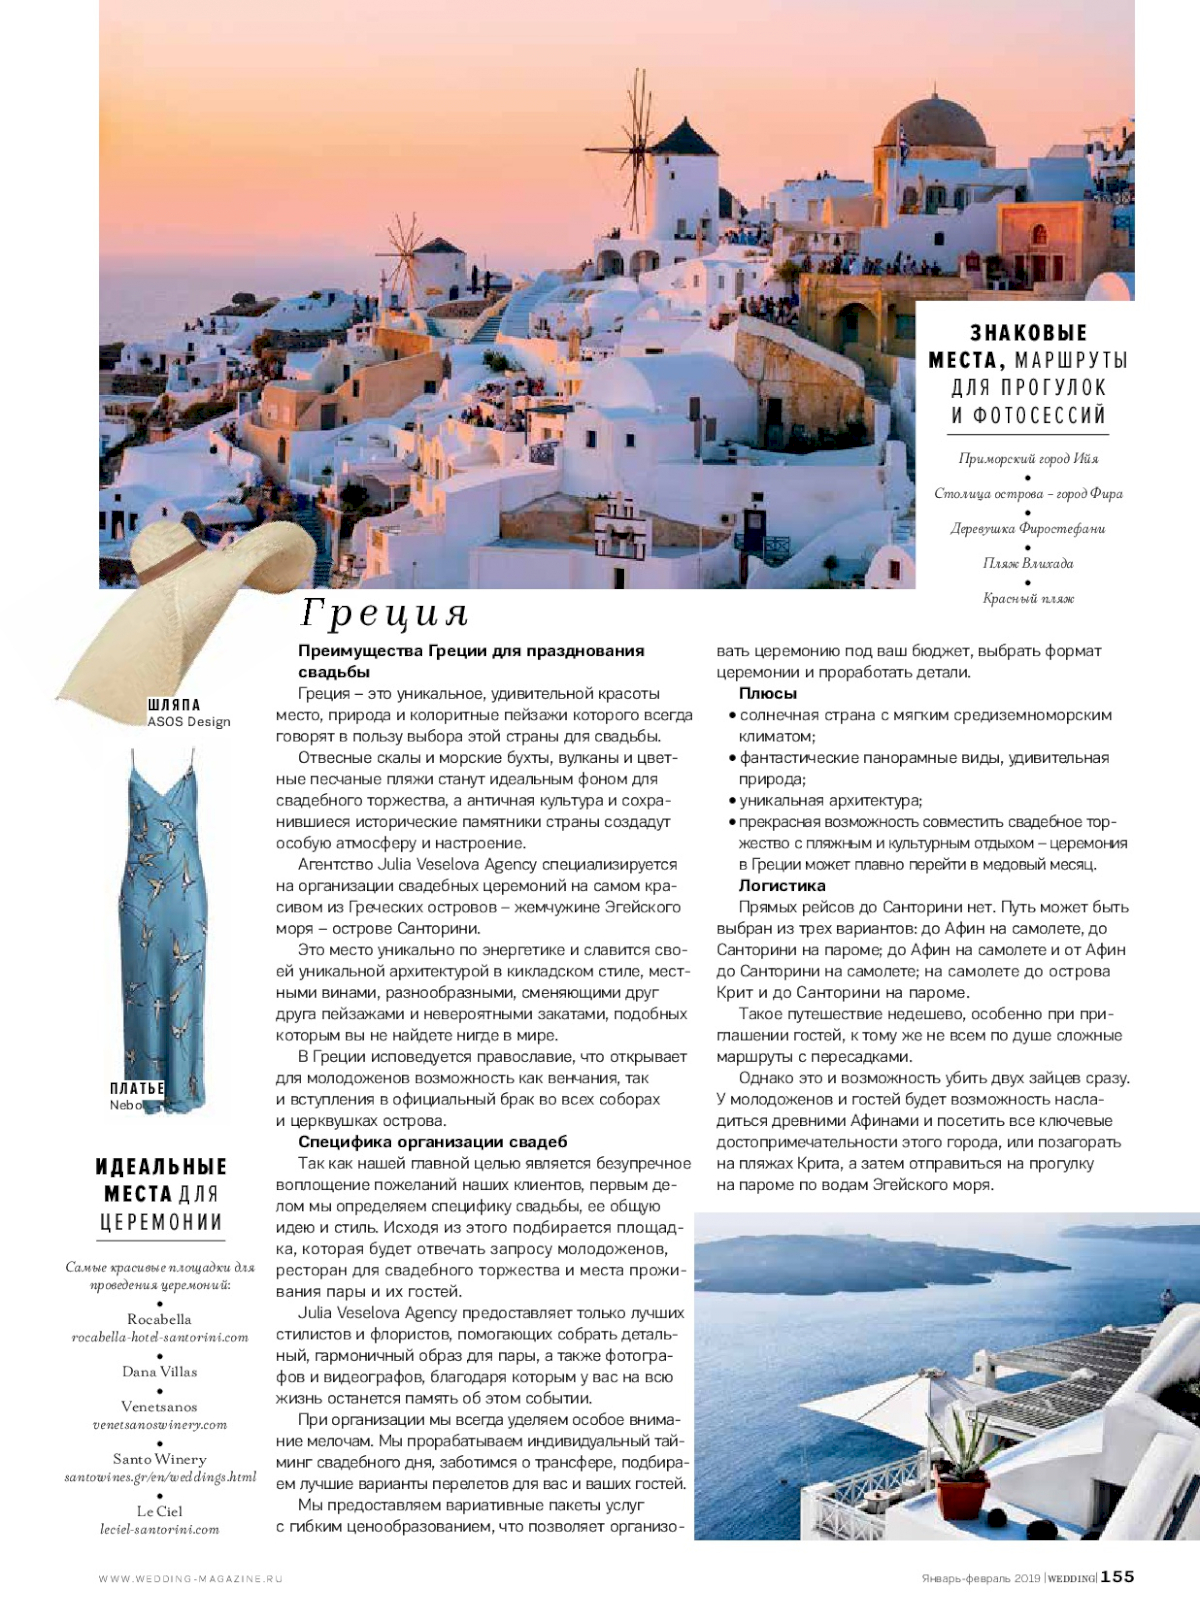 Публикация в журнале